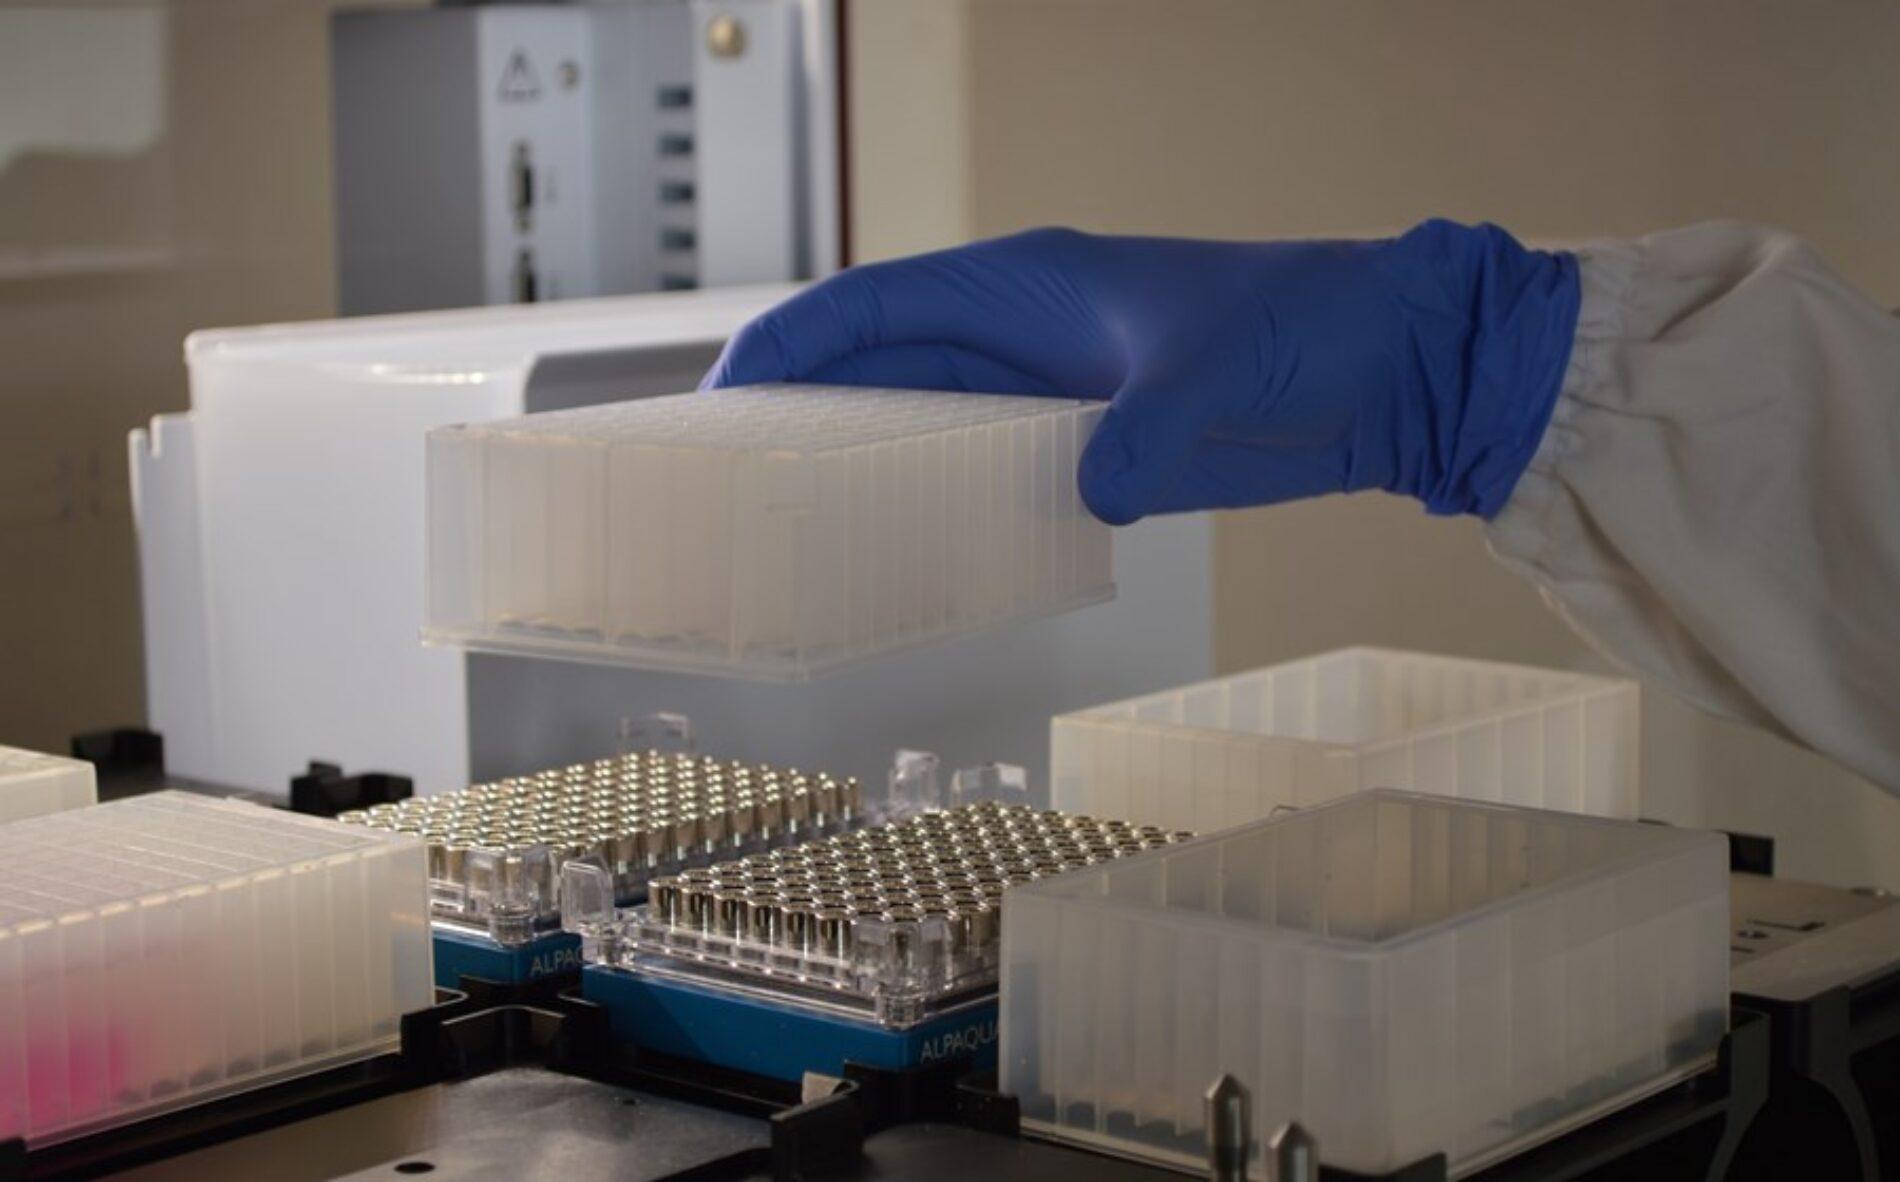 Tondela: Ministra da Coesão Territoral inaugura laboratório que melhora testes à Covid-19 apoiado por fundos comunitário